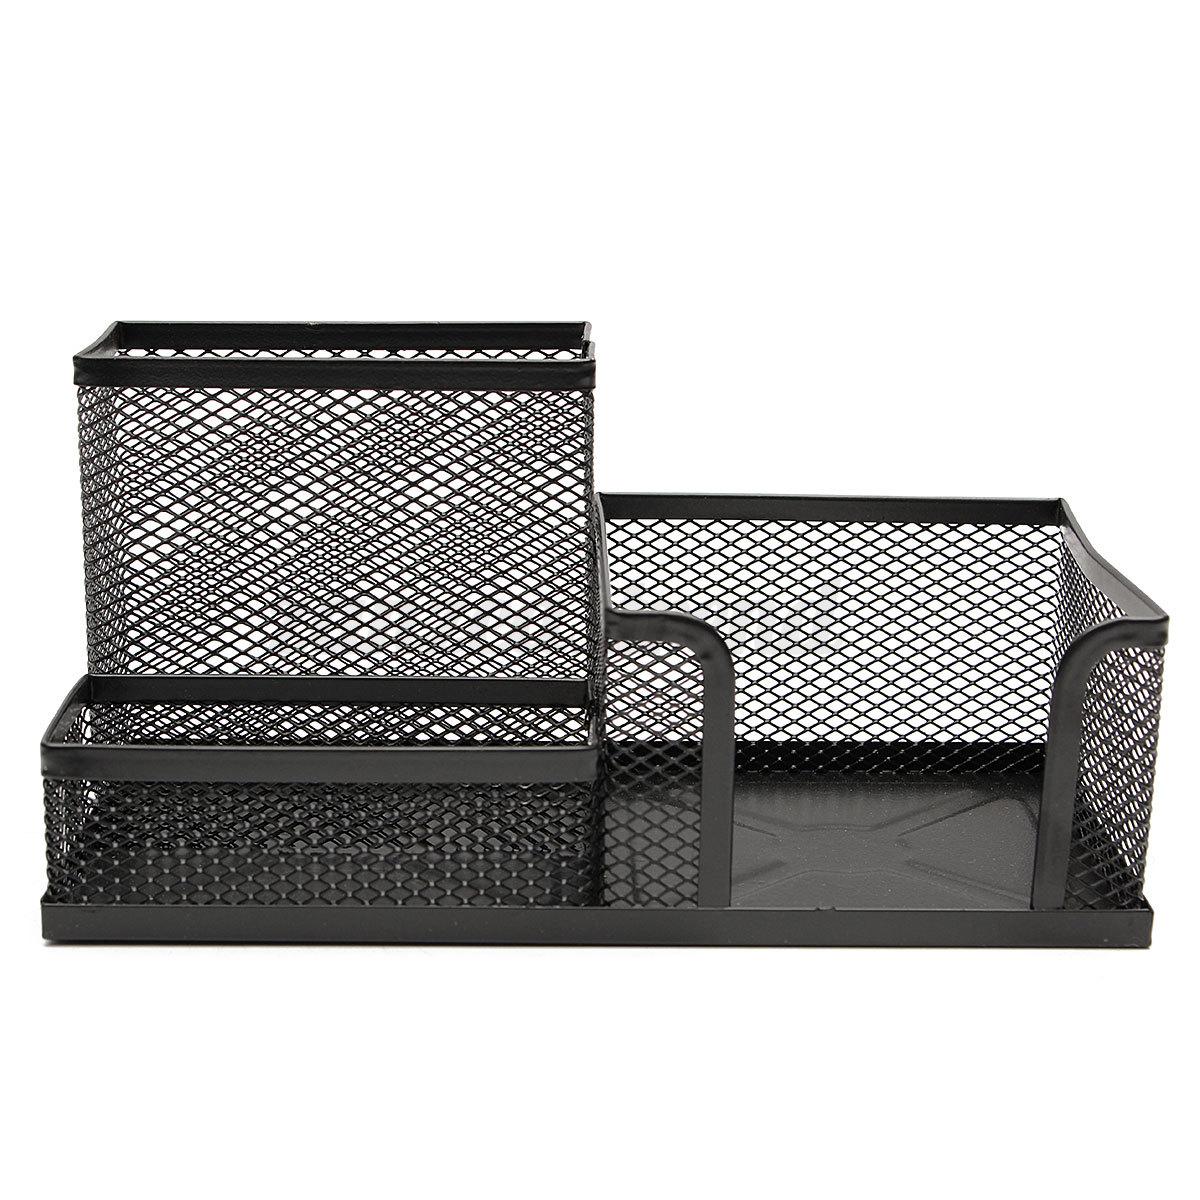 schreibtisch organizer schreibtischst nder stifthalter stiftek cher stiftebecher ebay. Black Bedroom Furniture Sets. Home Design Ideas